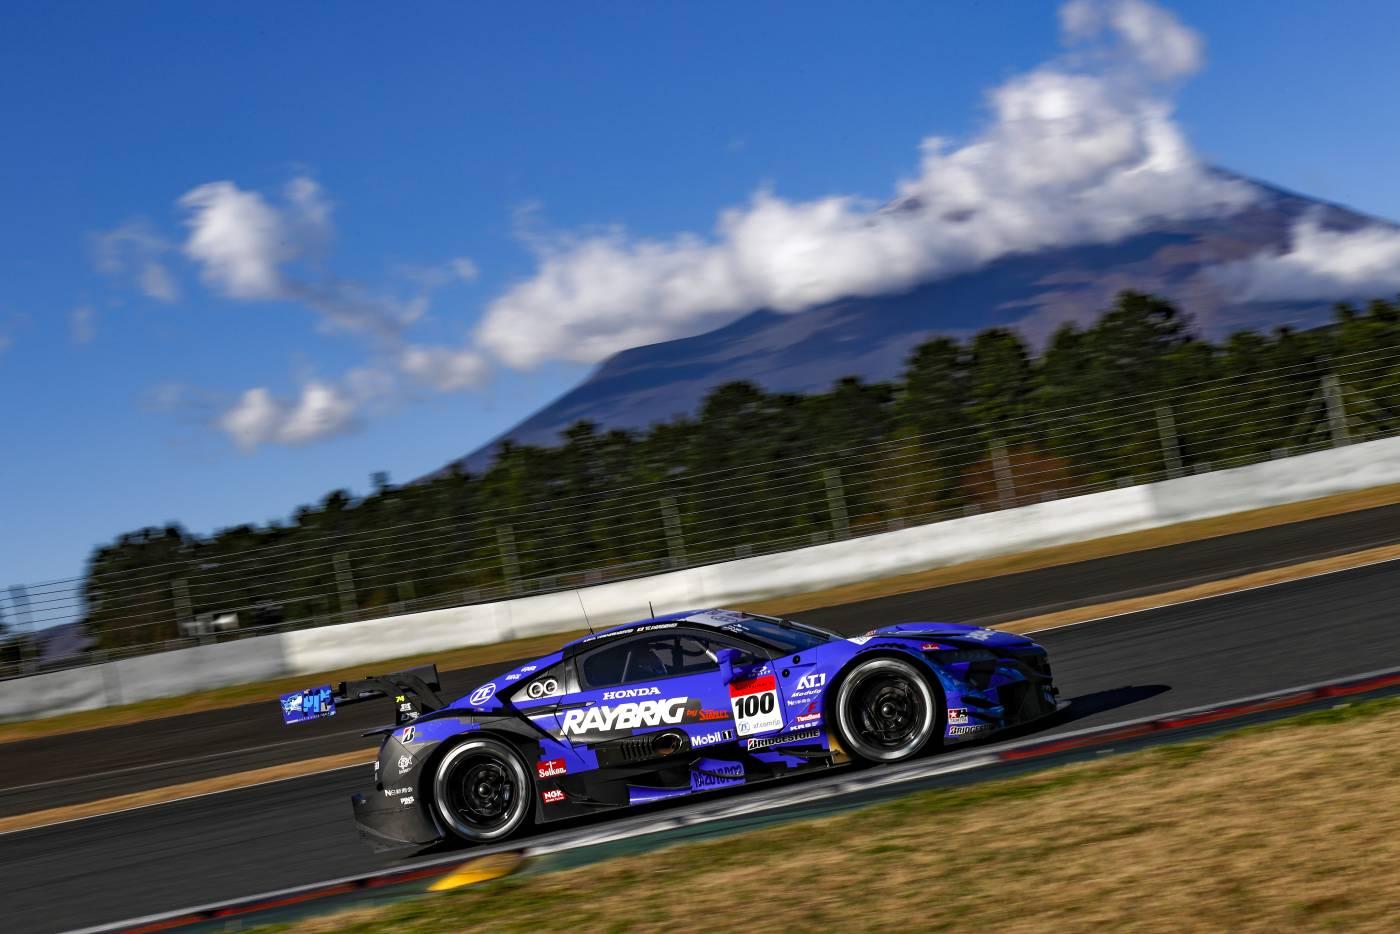 【2020シーズン総集編】最終戦で劇的な逆転優勝を遂げた RAYBRIG NSX-GTがシリーズチャンピオンに輝く